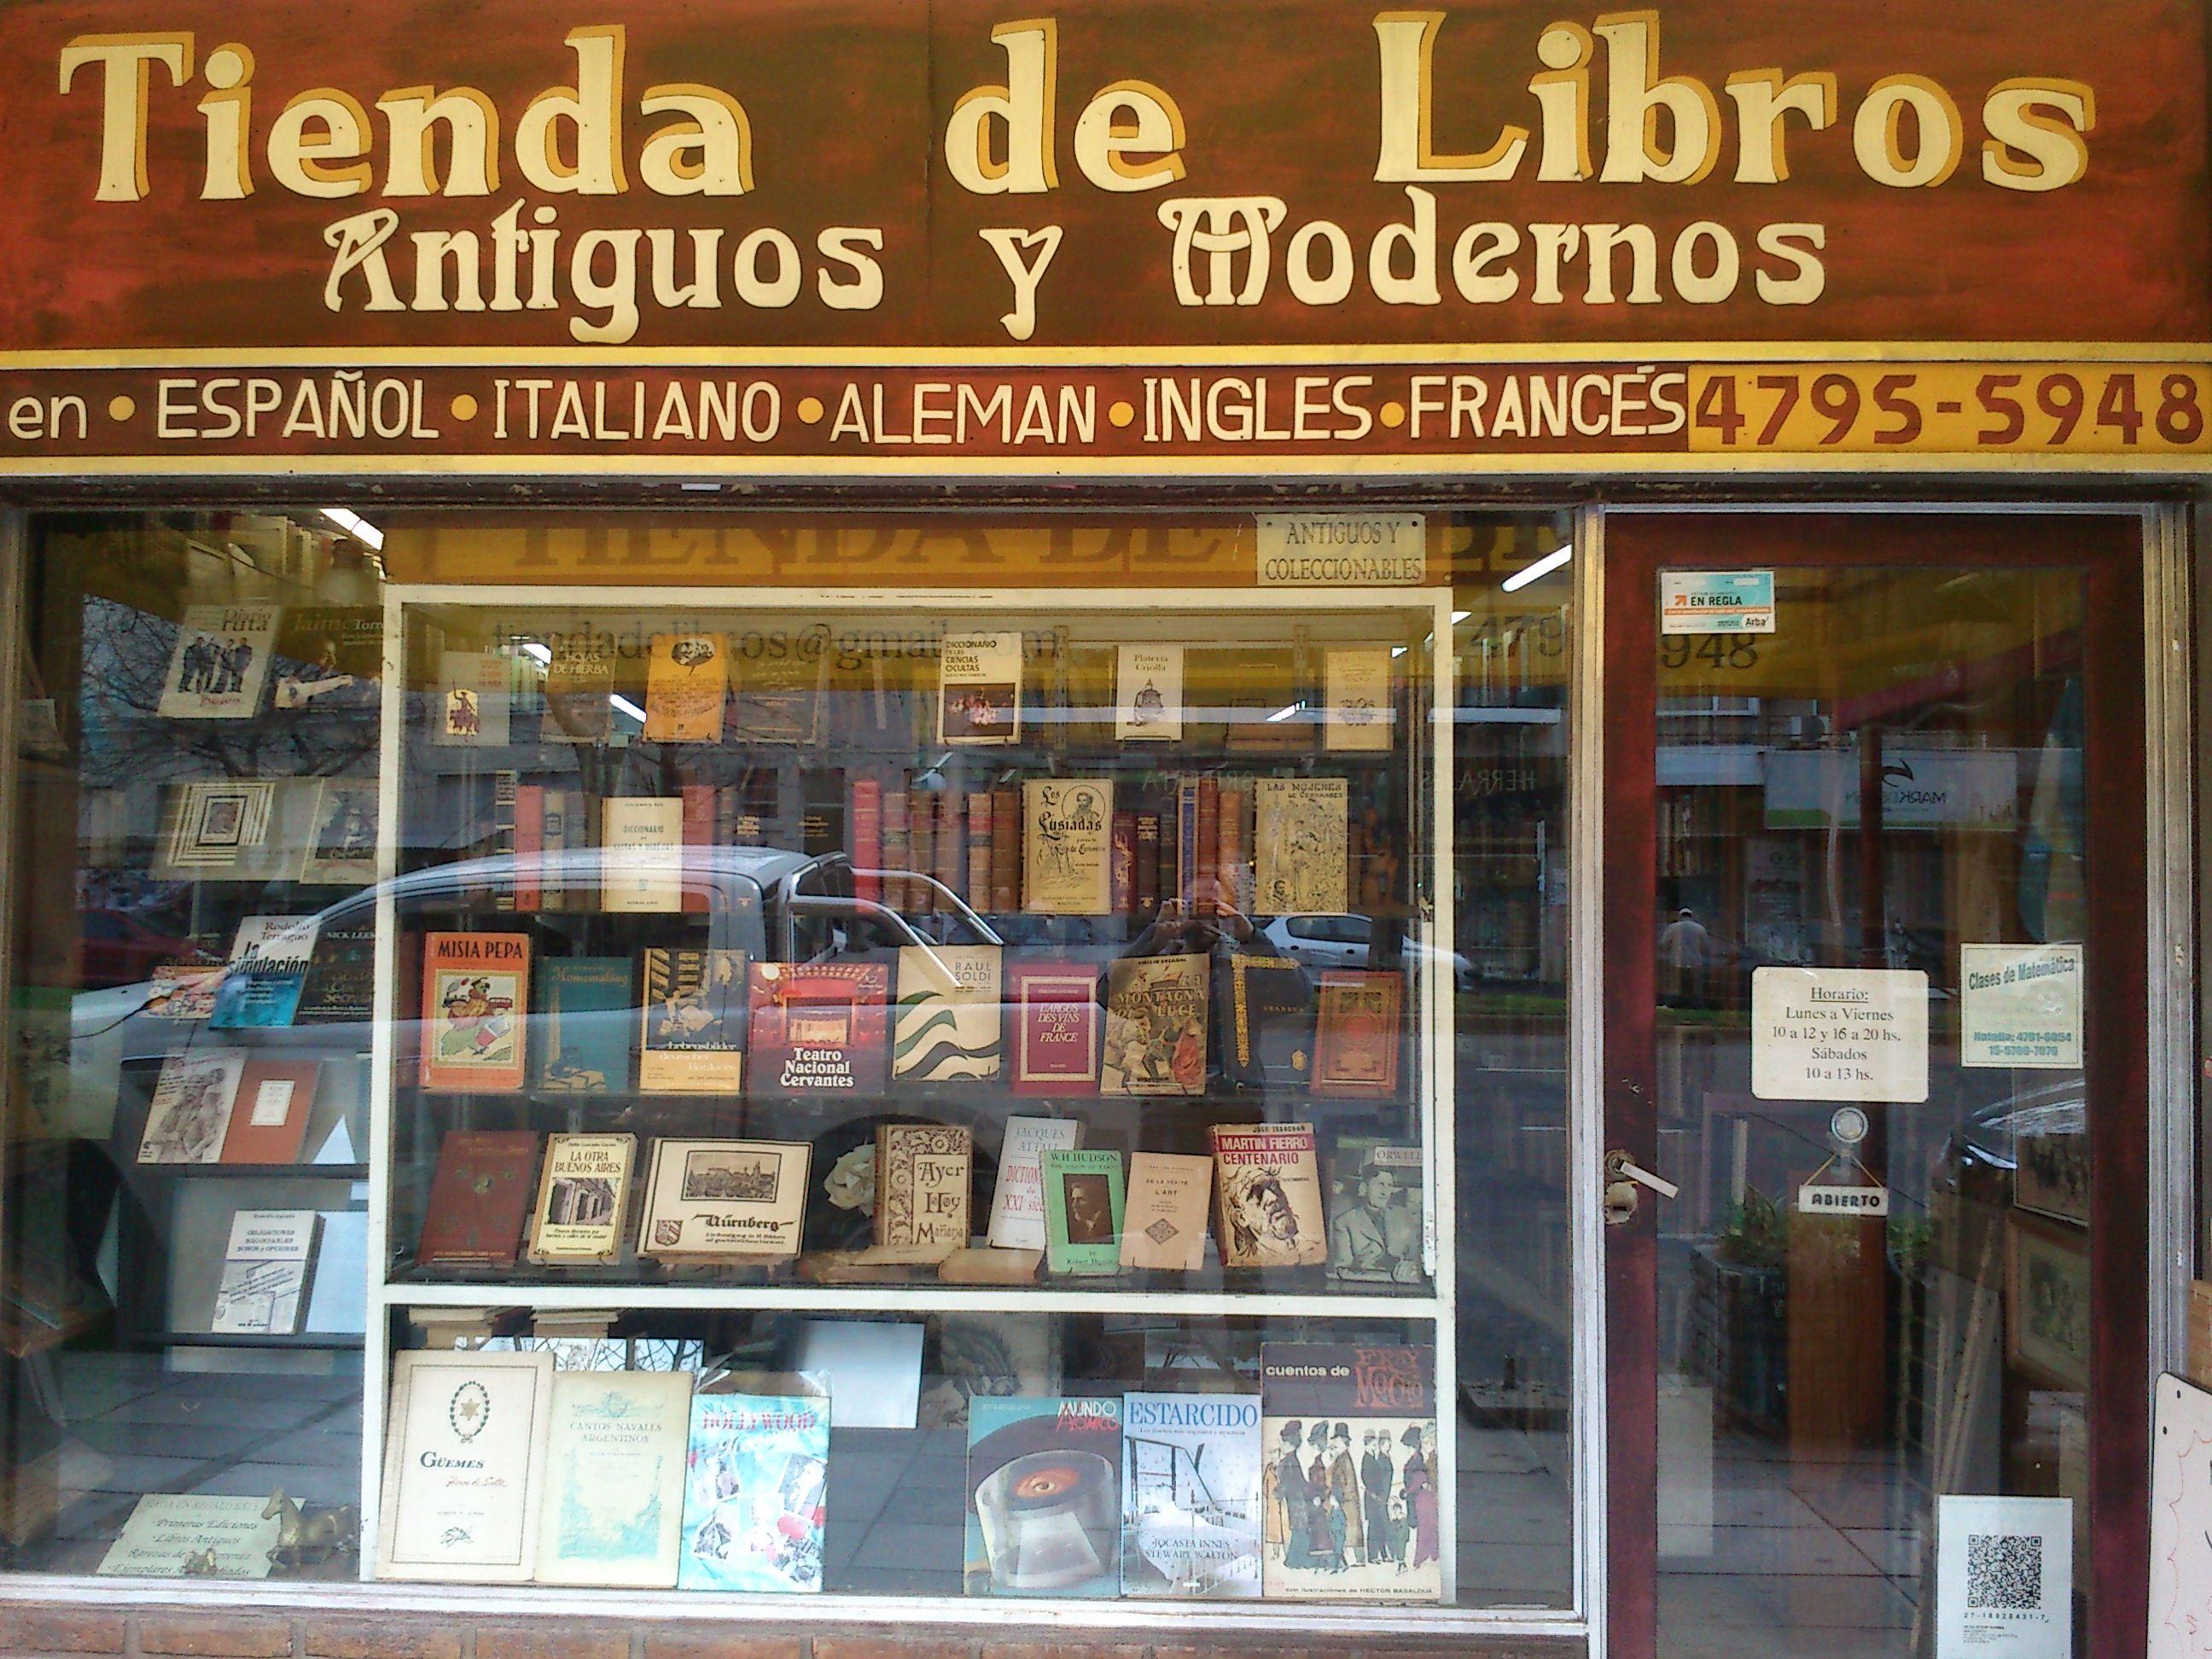 Una tienda de libros tiendas del mundo hispanohablante pinterest - Almacen de libreria ...